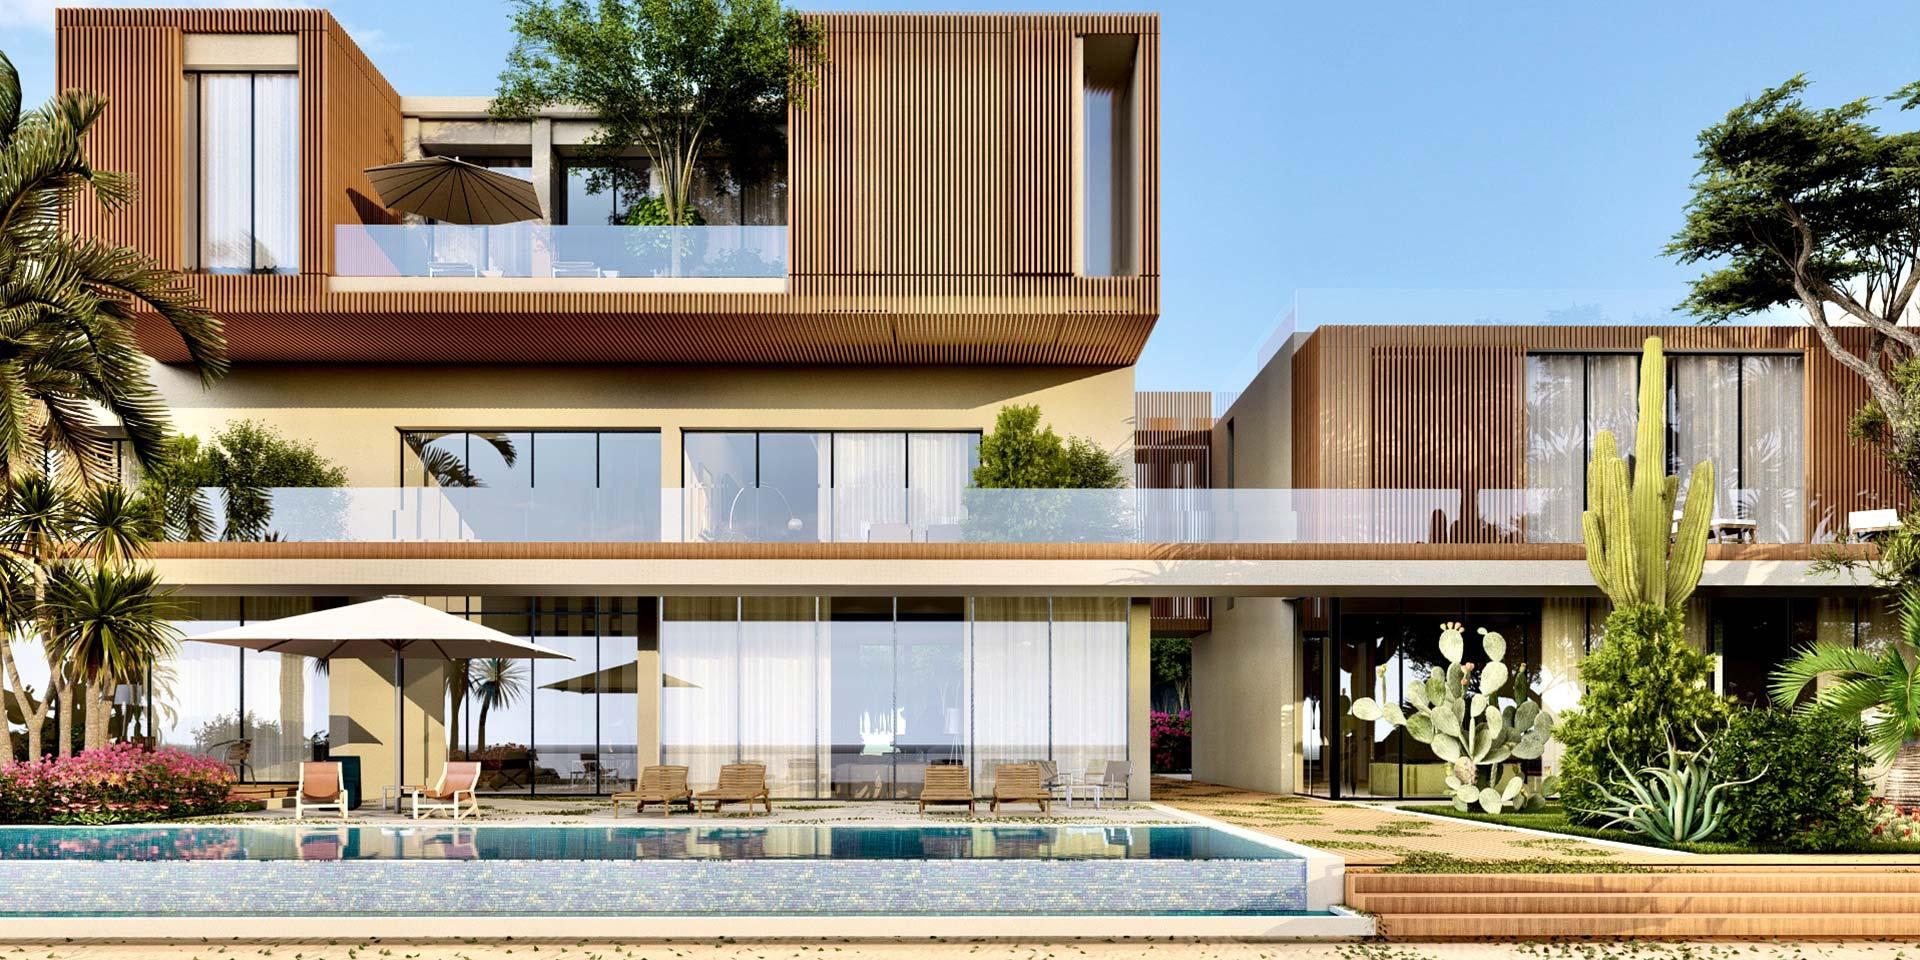 P BEACH HOUSE - DOHA - QATAR